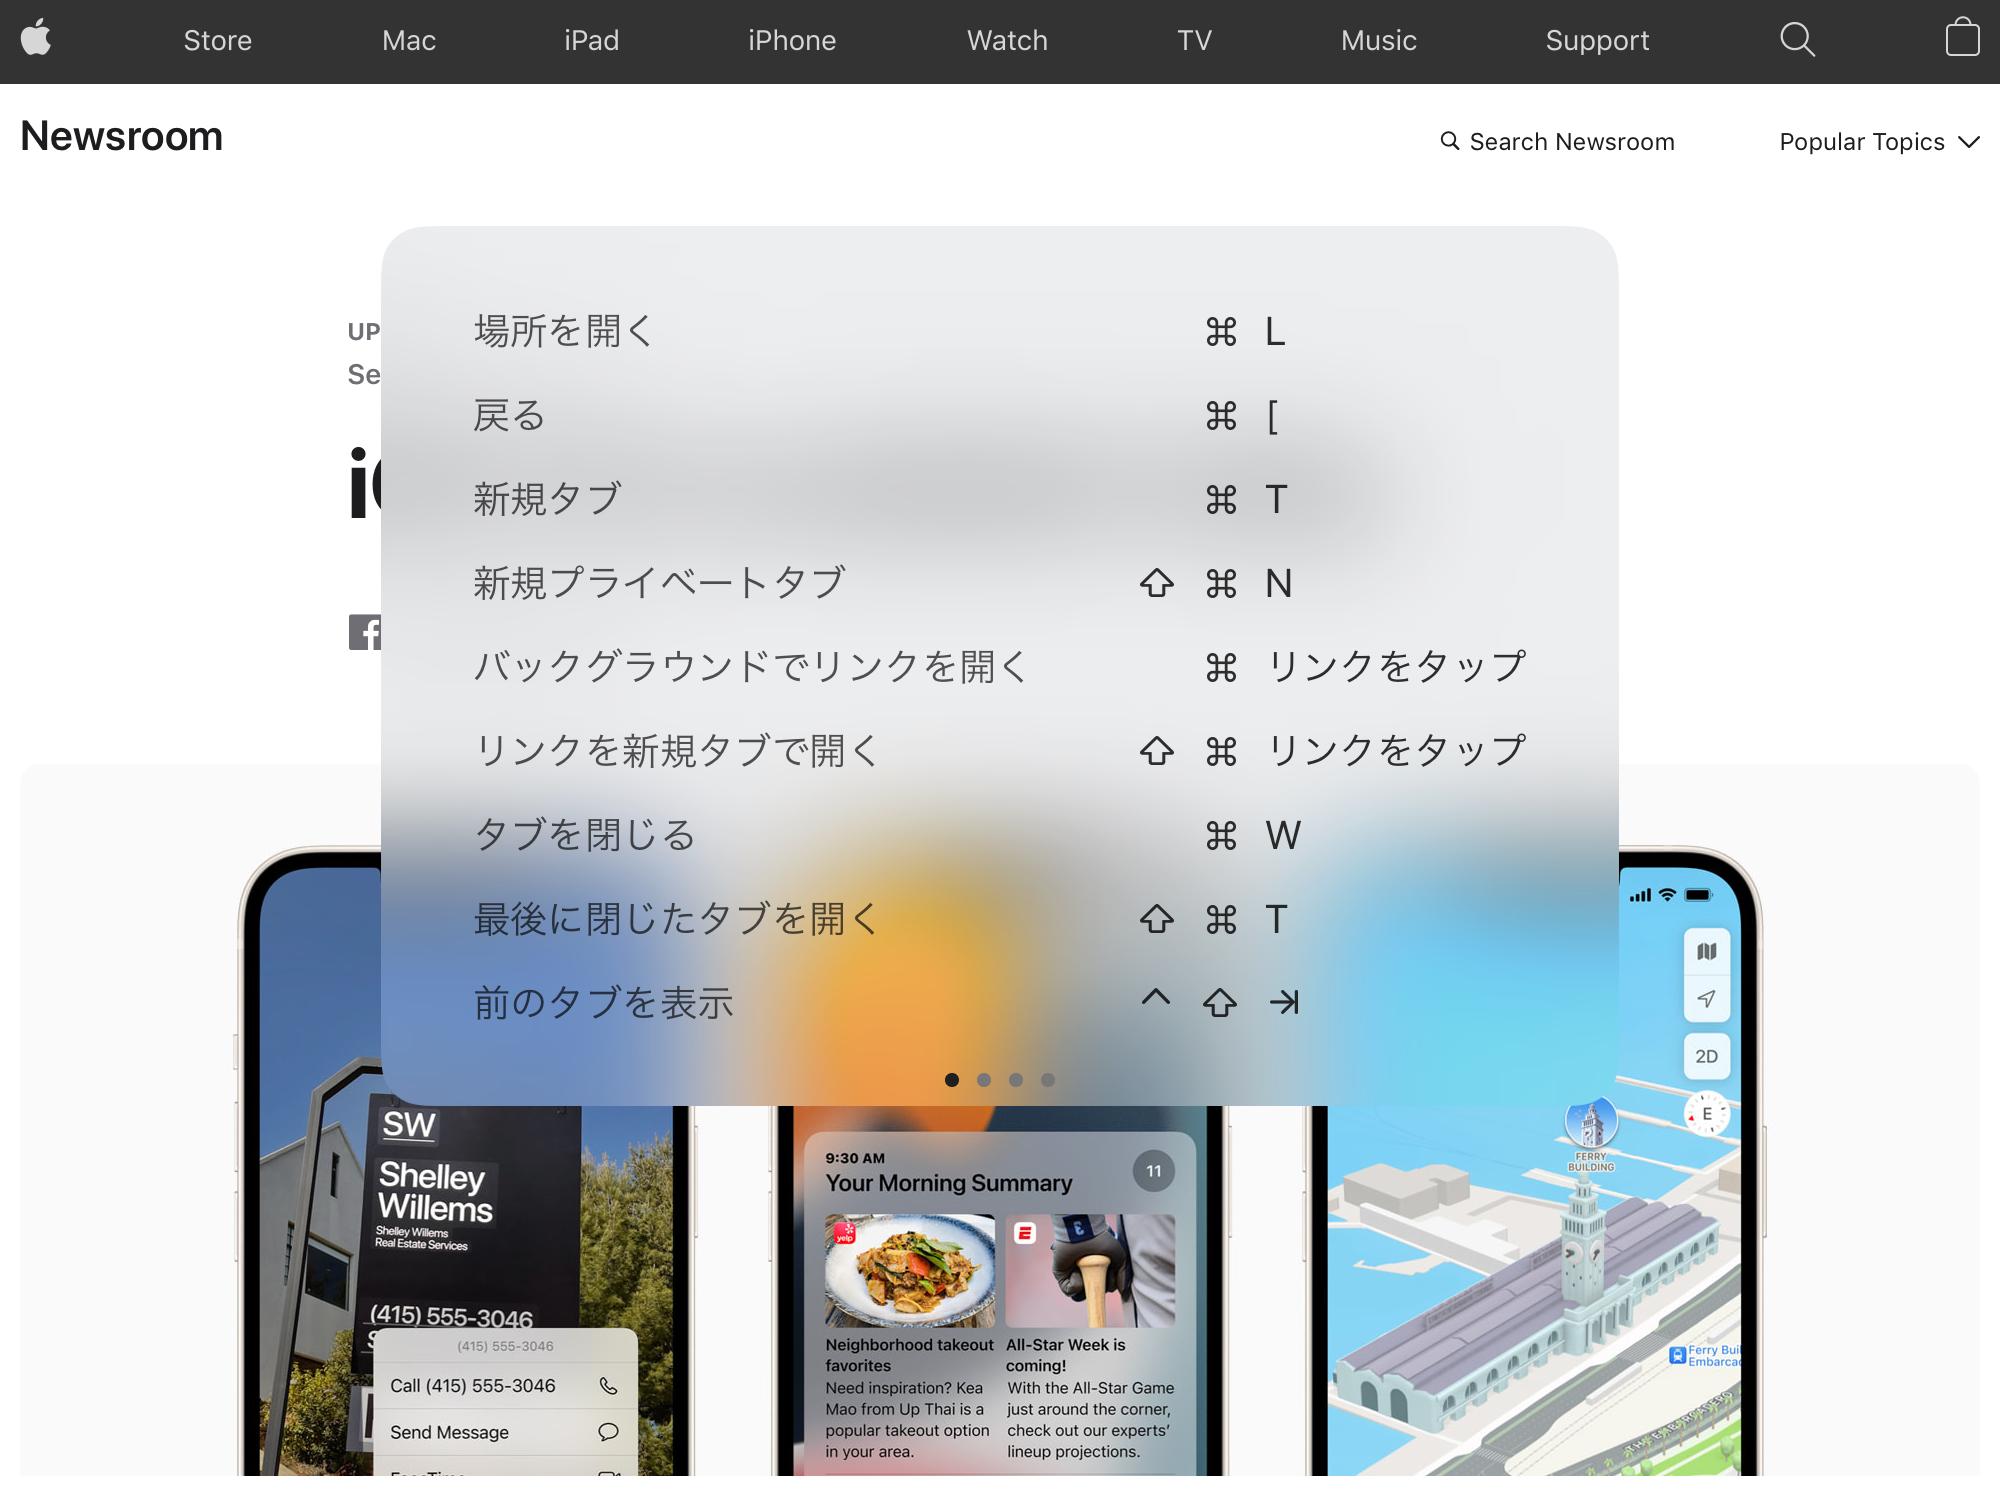 iPadOS 13~14のショートカットメニュー